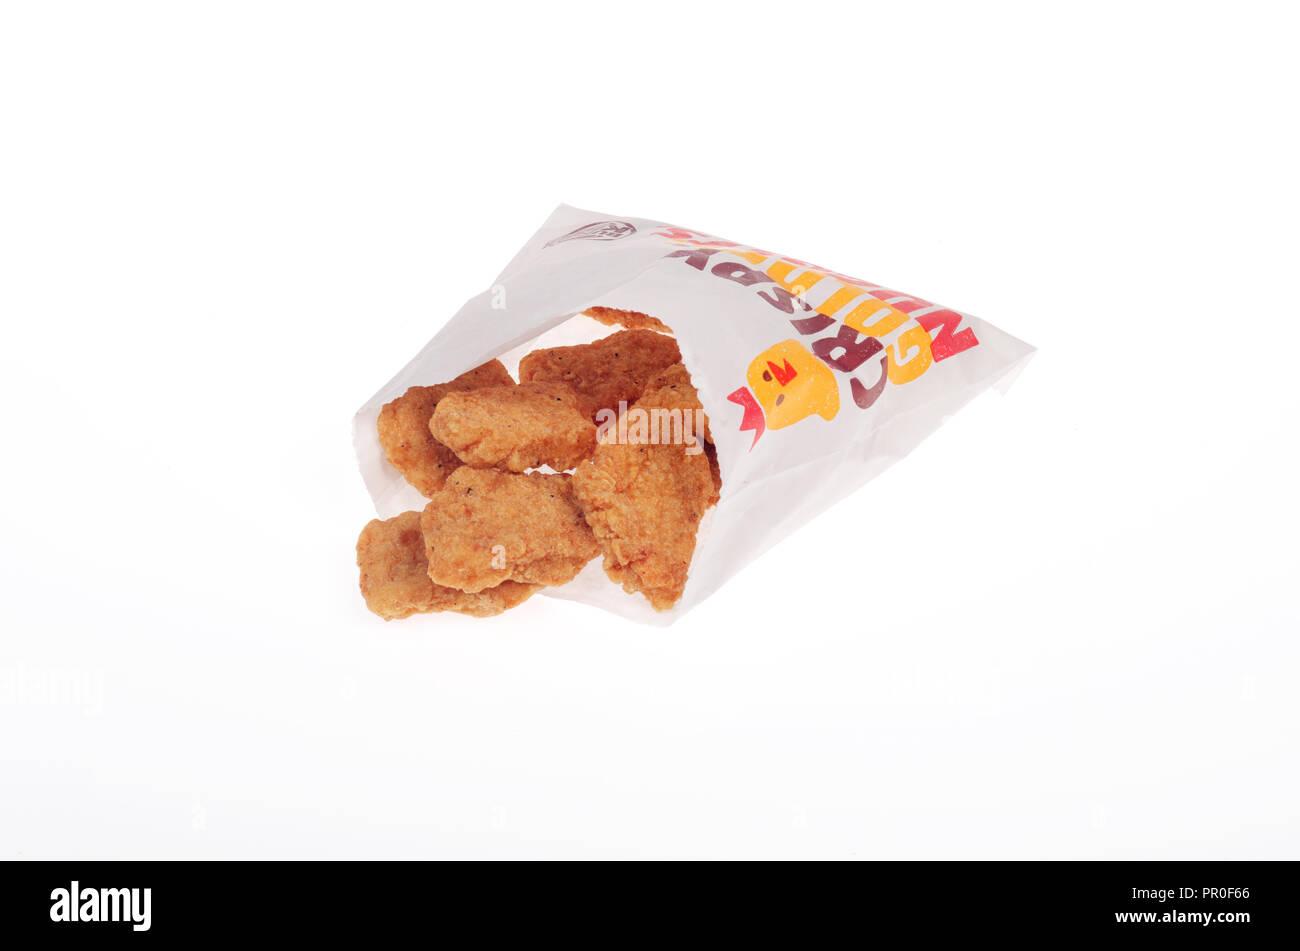 Pacchetto di Burger King pepite di pollo Immagini Stock